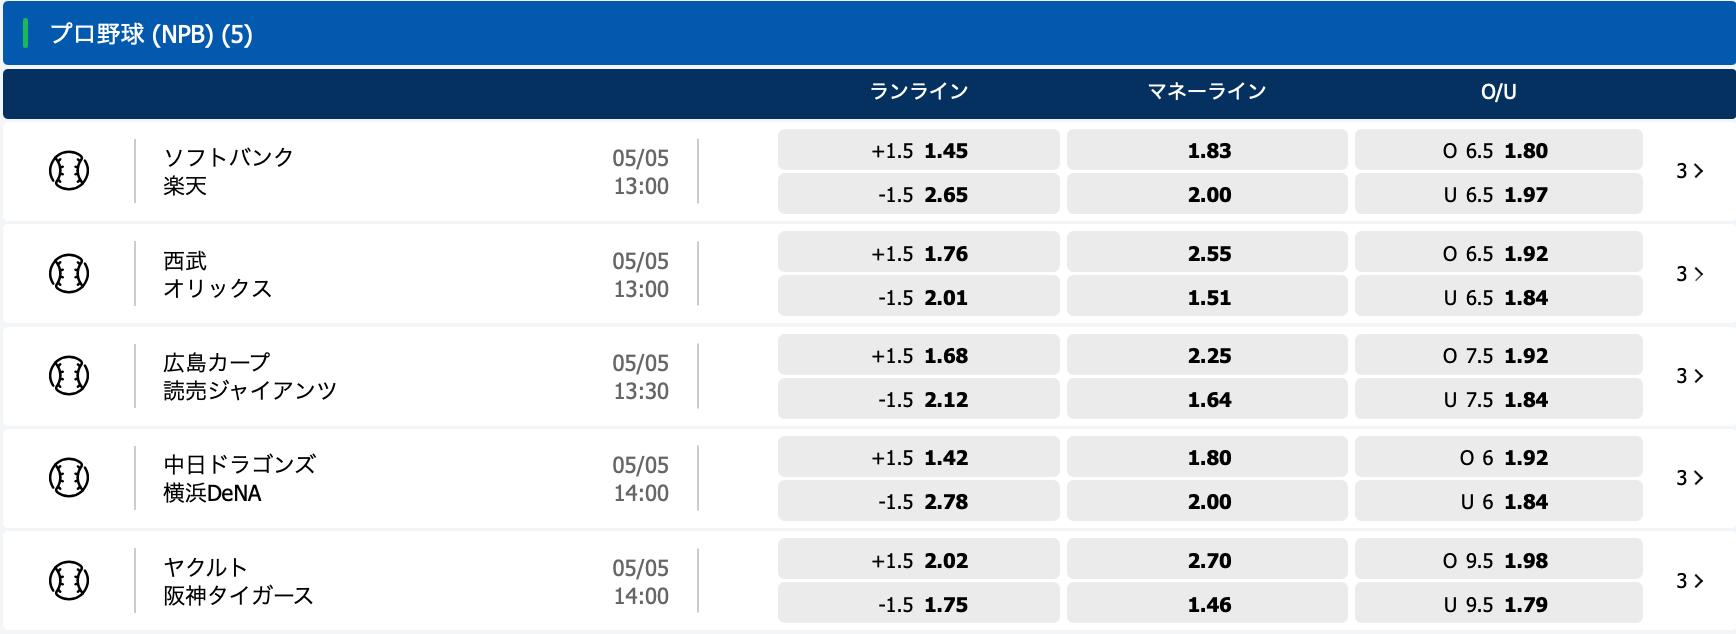 2021年5月5日プロ野球オッズ・10bet Japan